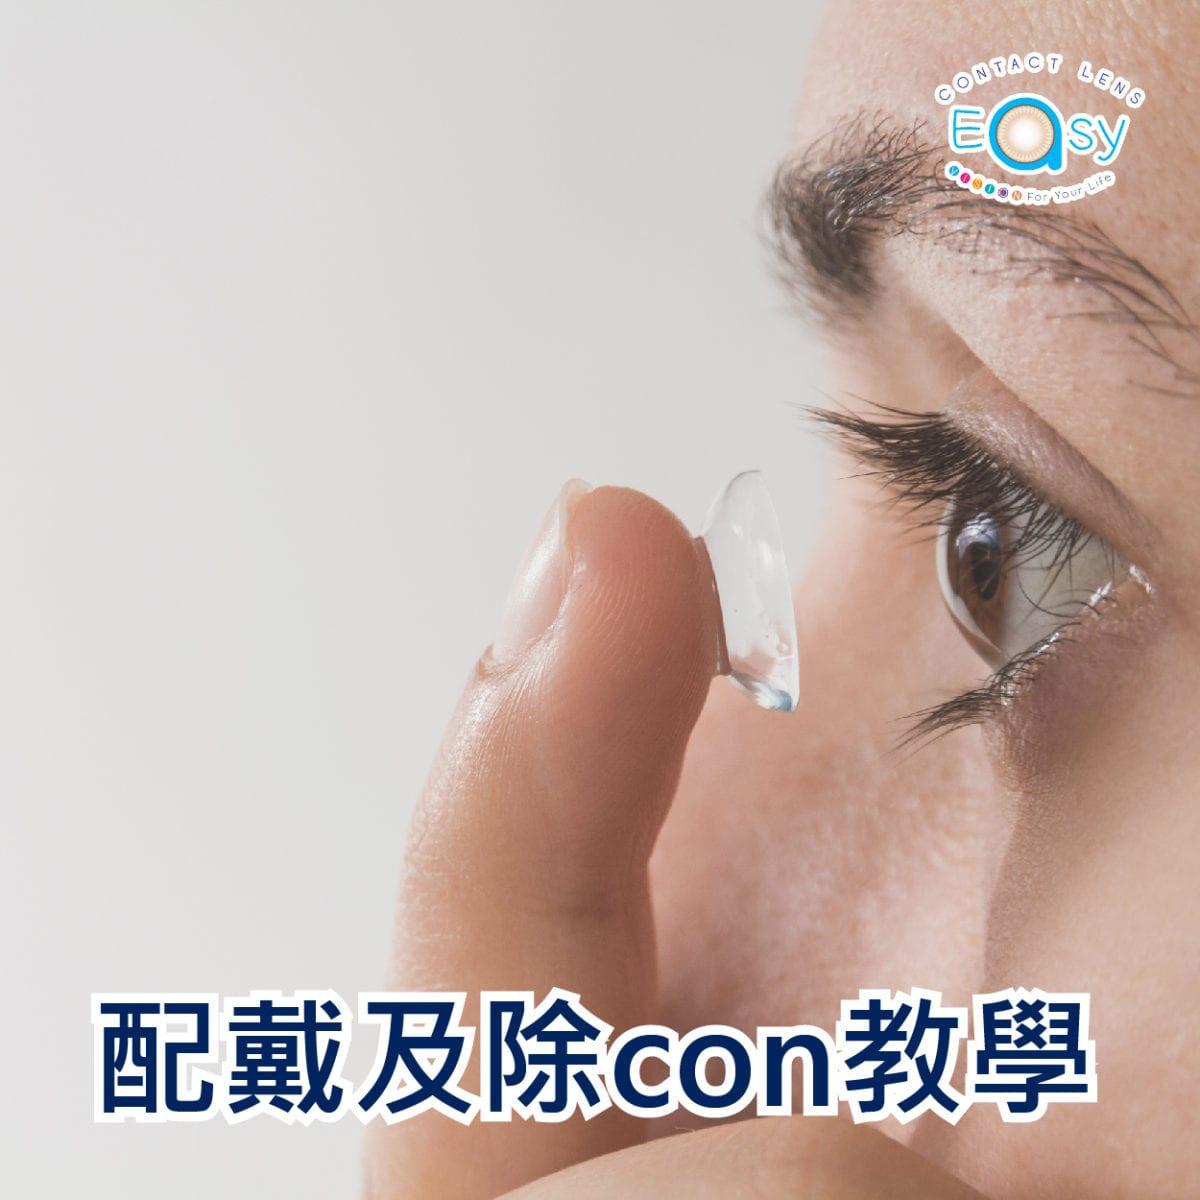 【初戴者必看】配戴及除con教學!